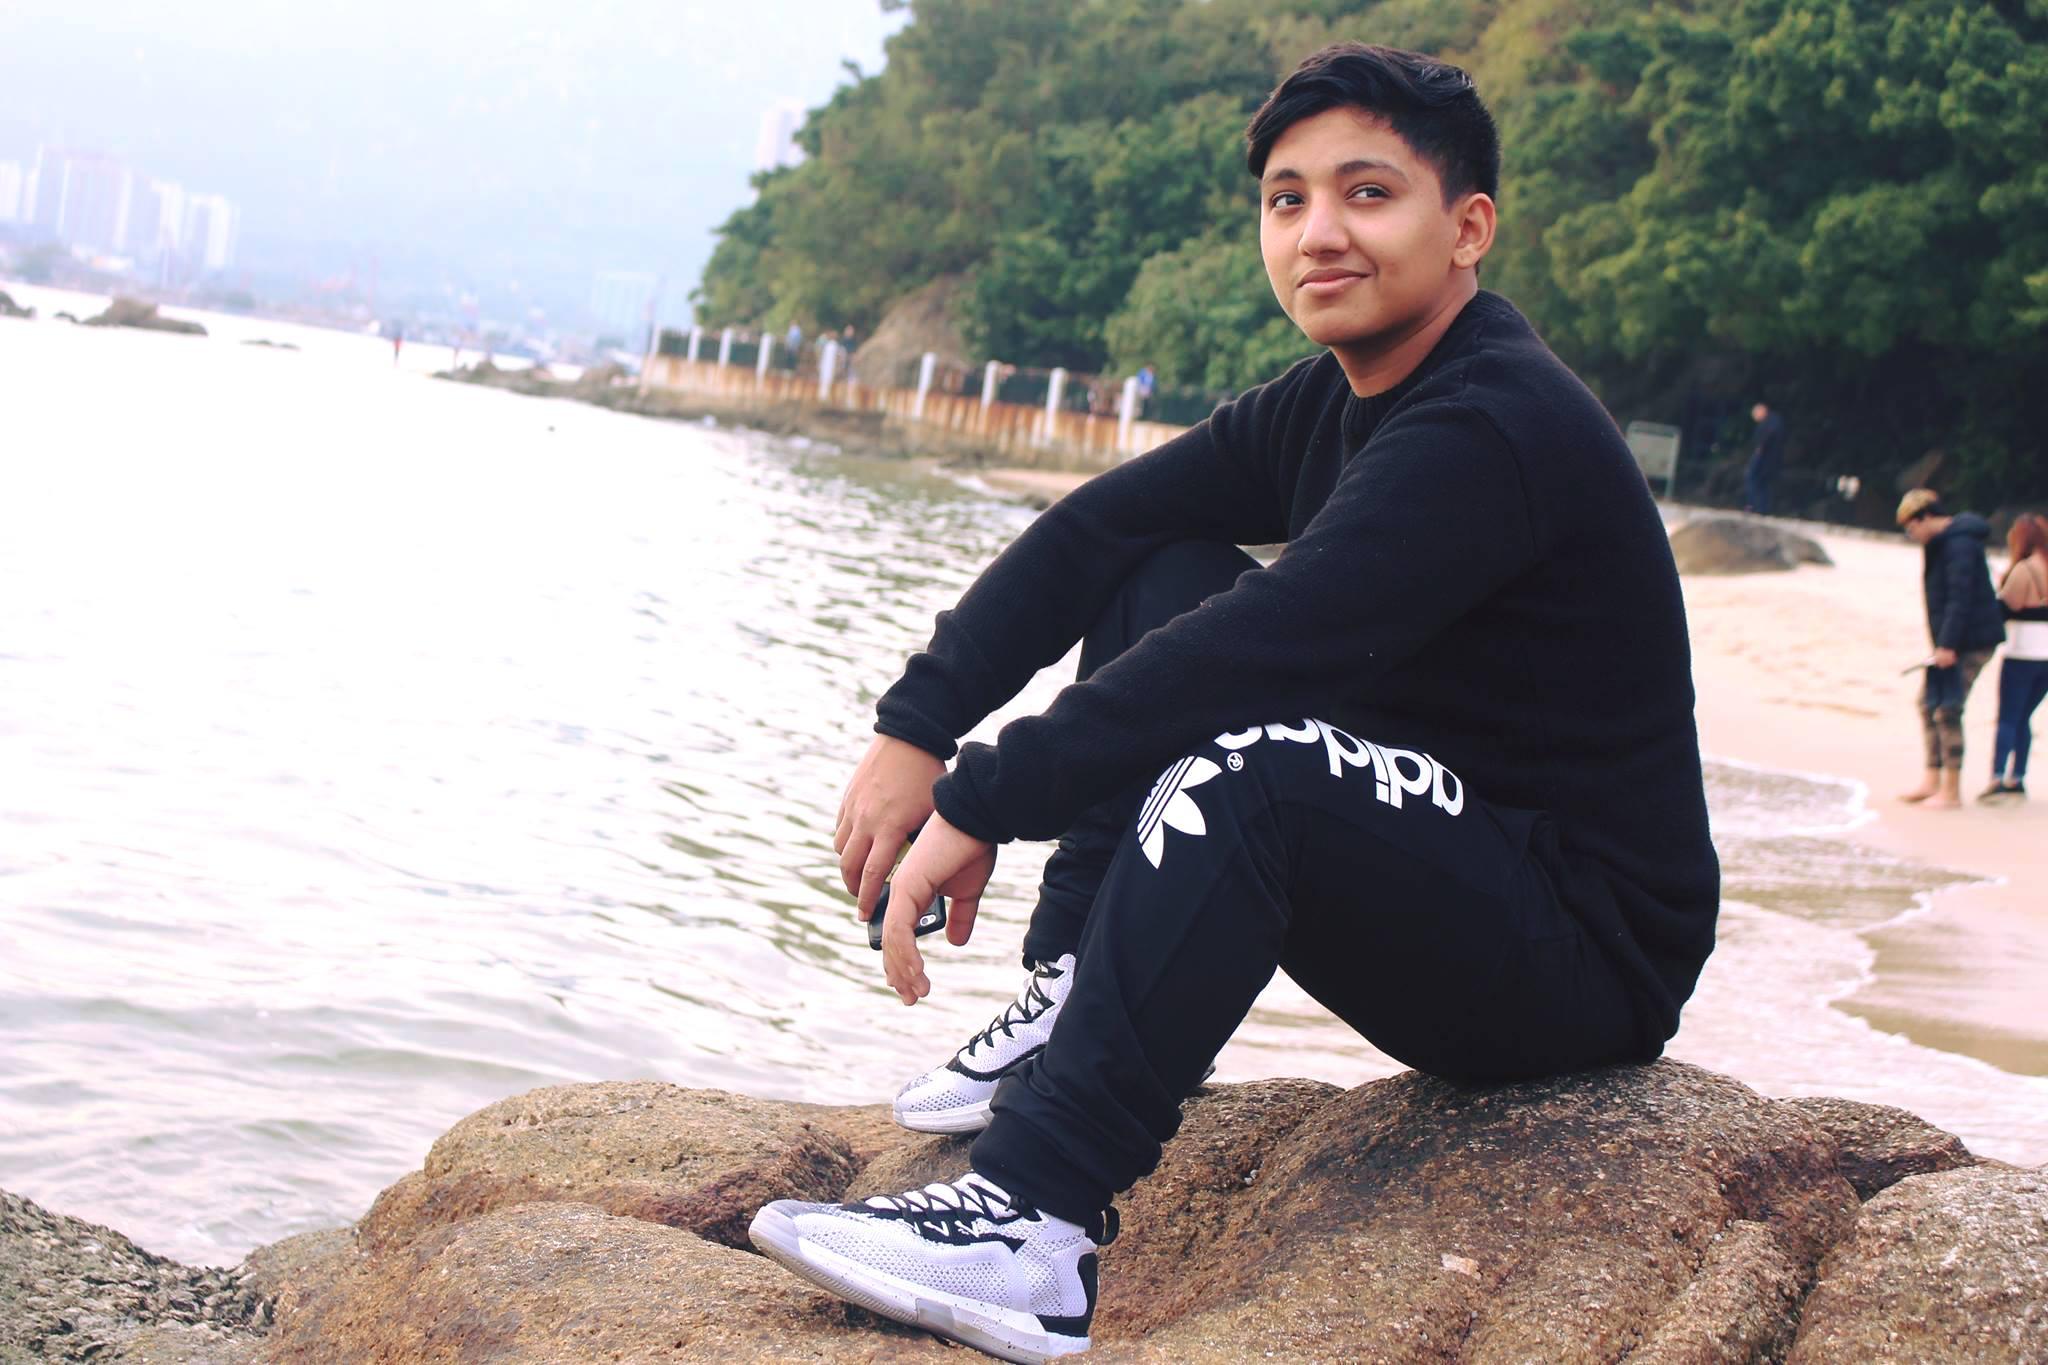 Bhabishya Kharel